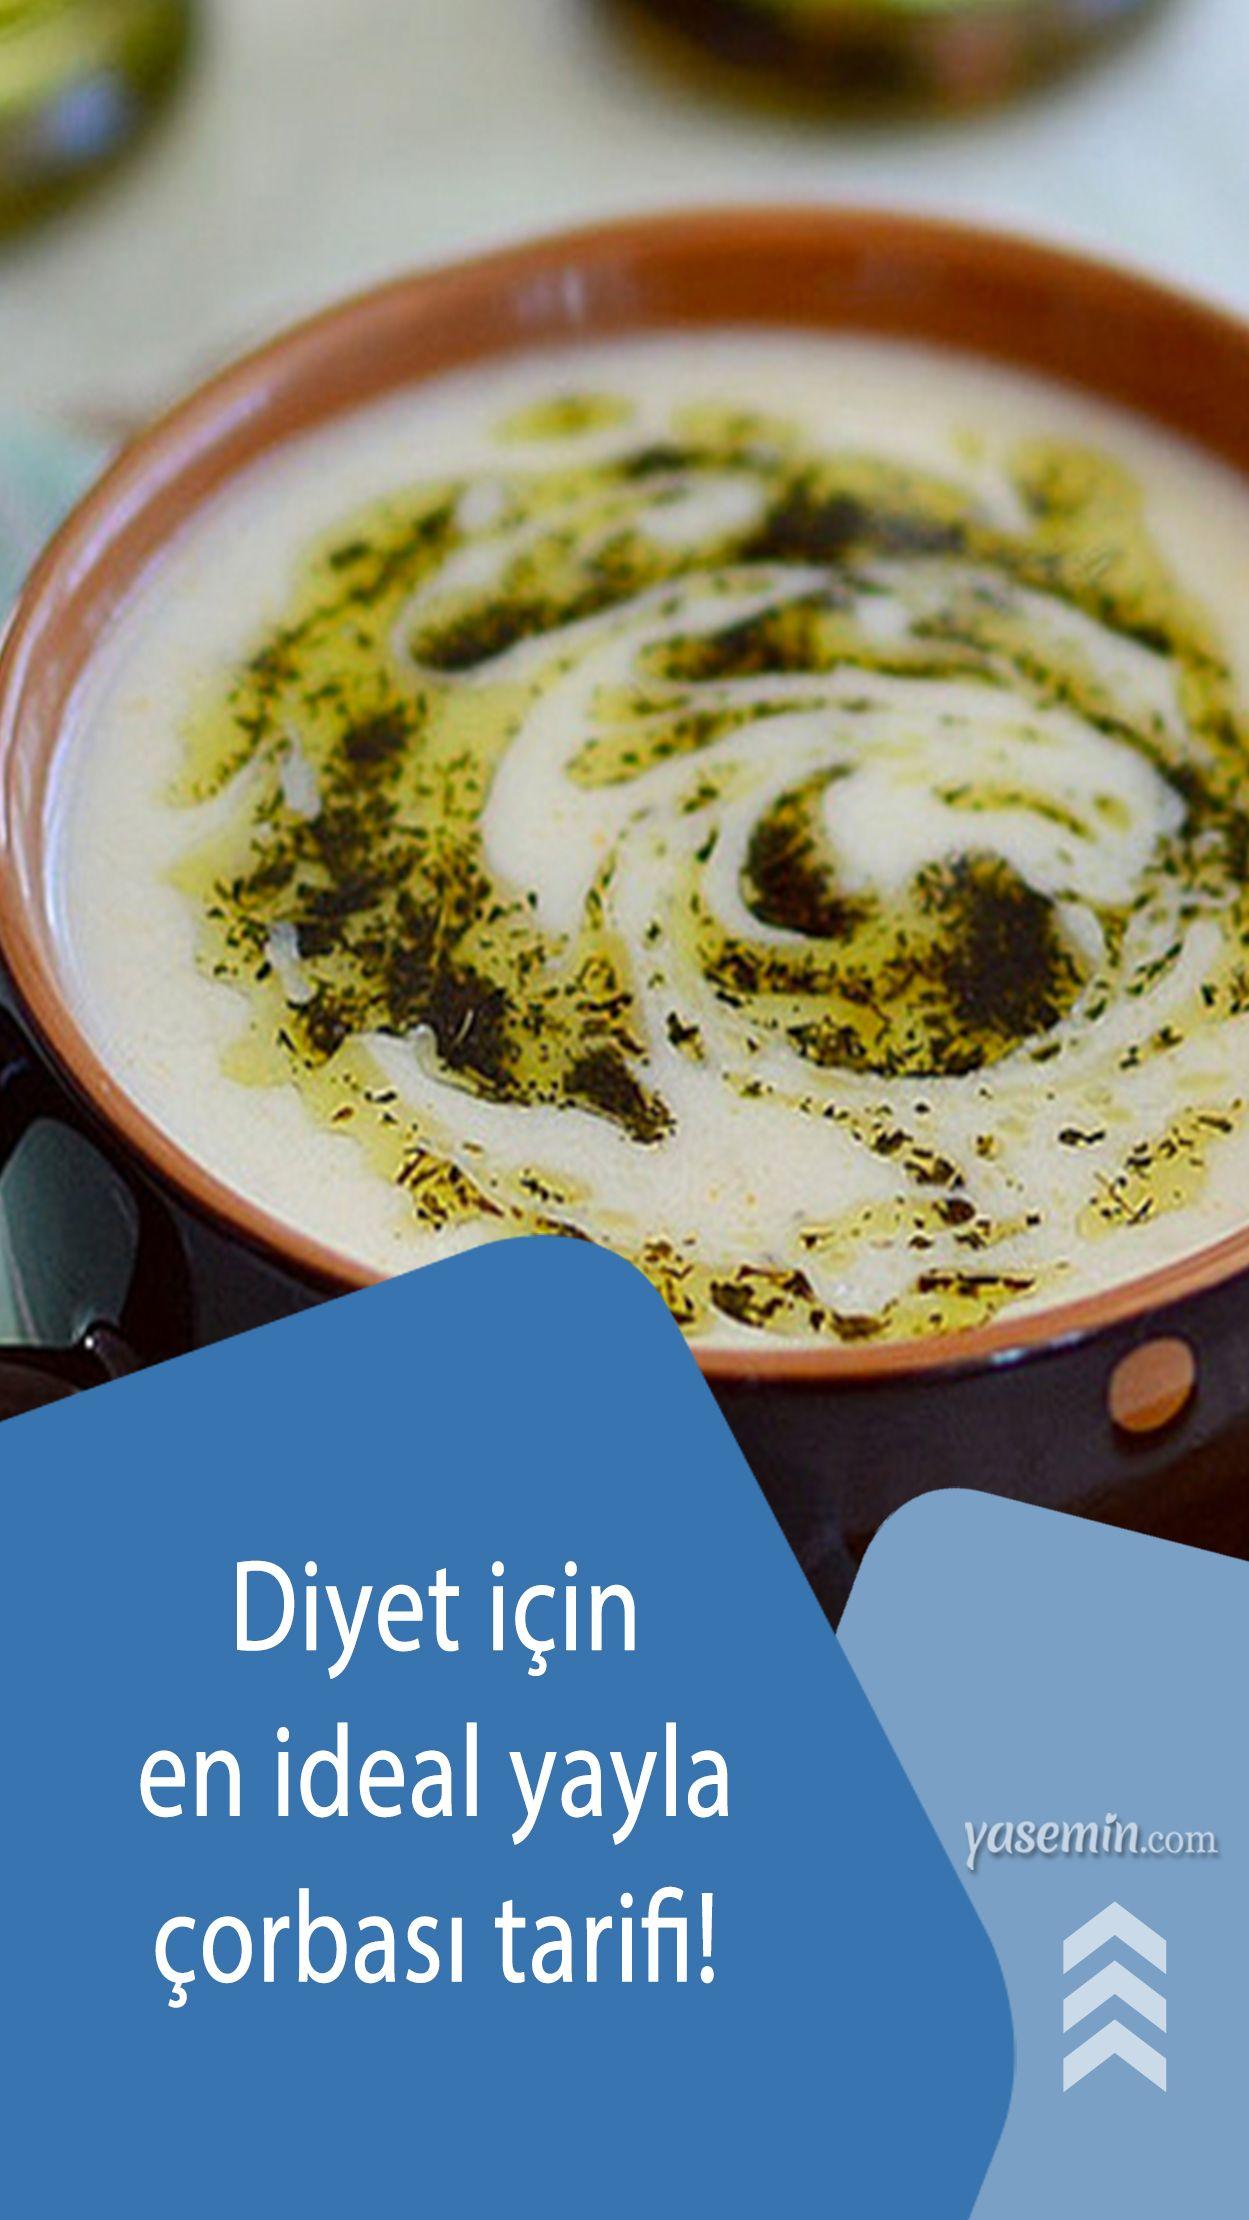 Yayla Corbasi Kilo Aldirir Mi Diyette En Kolay Pirincli Yogurt Corbasi Tarifi Gida Diyet Yogurt